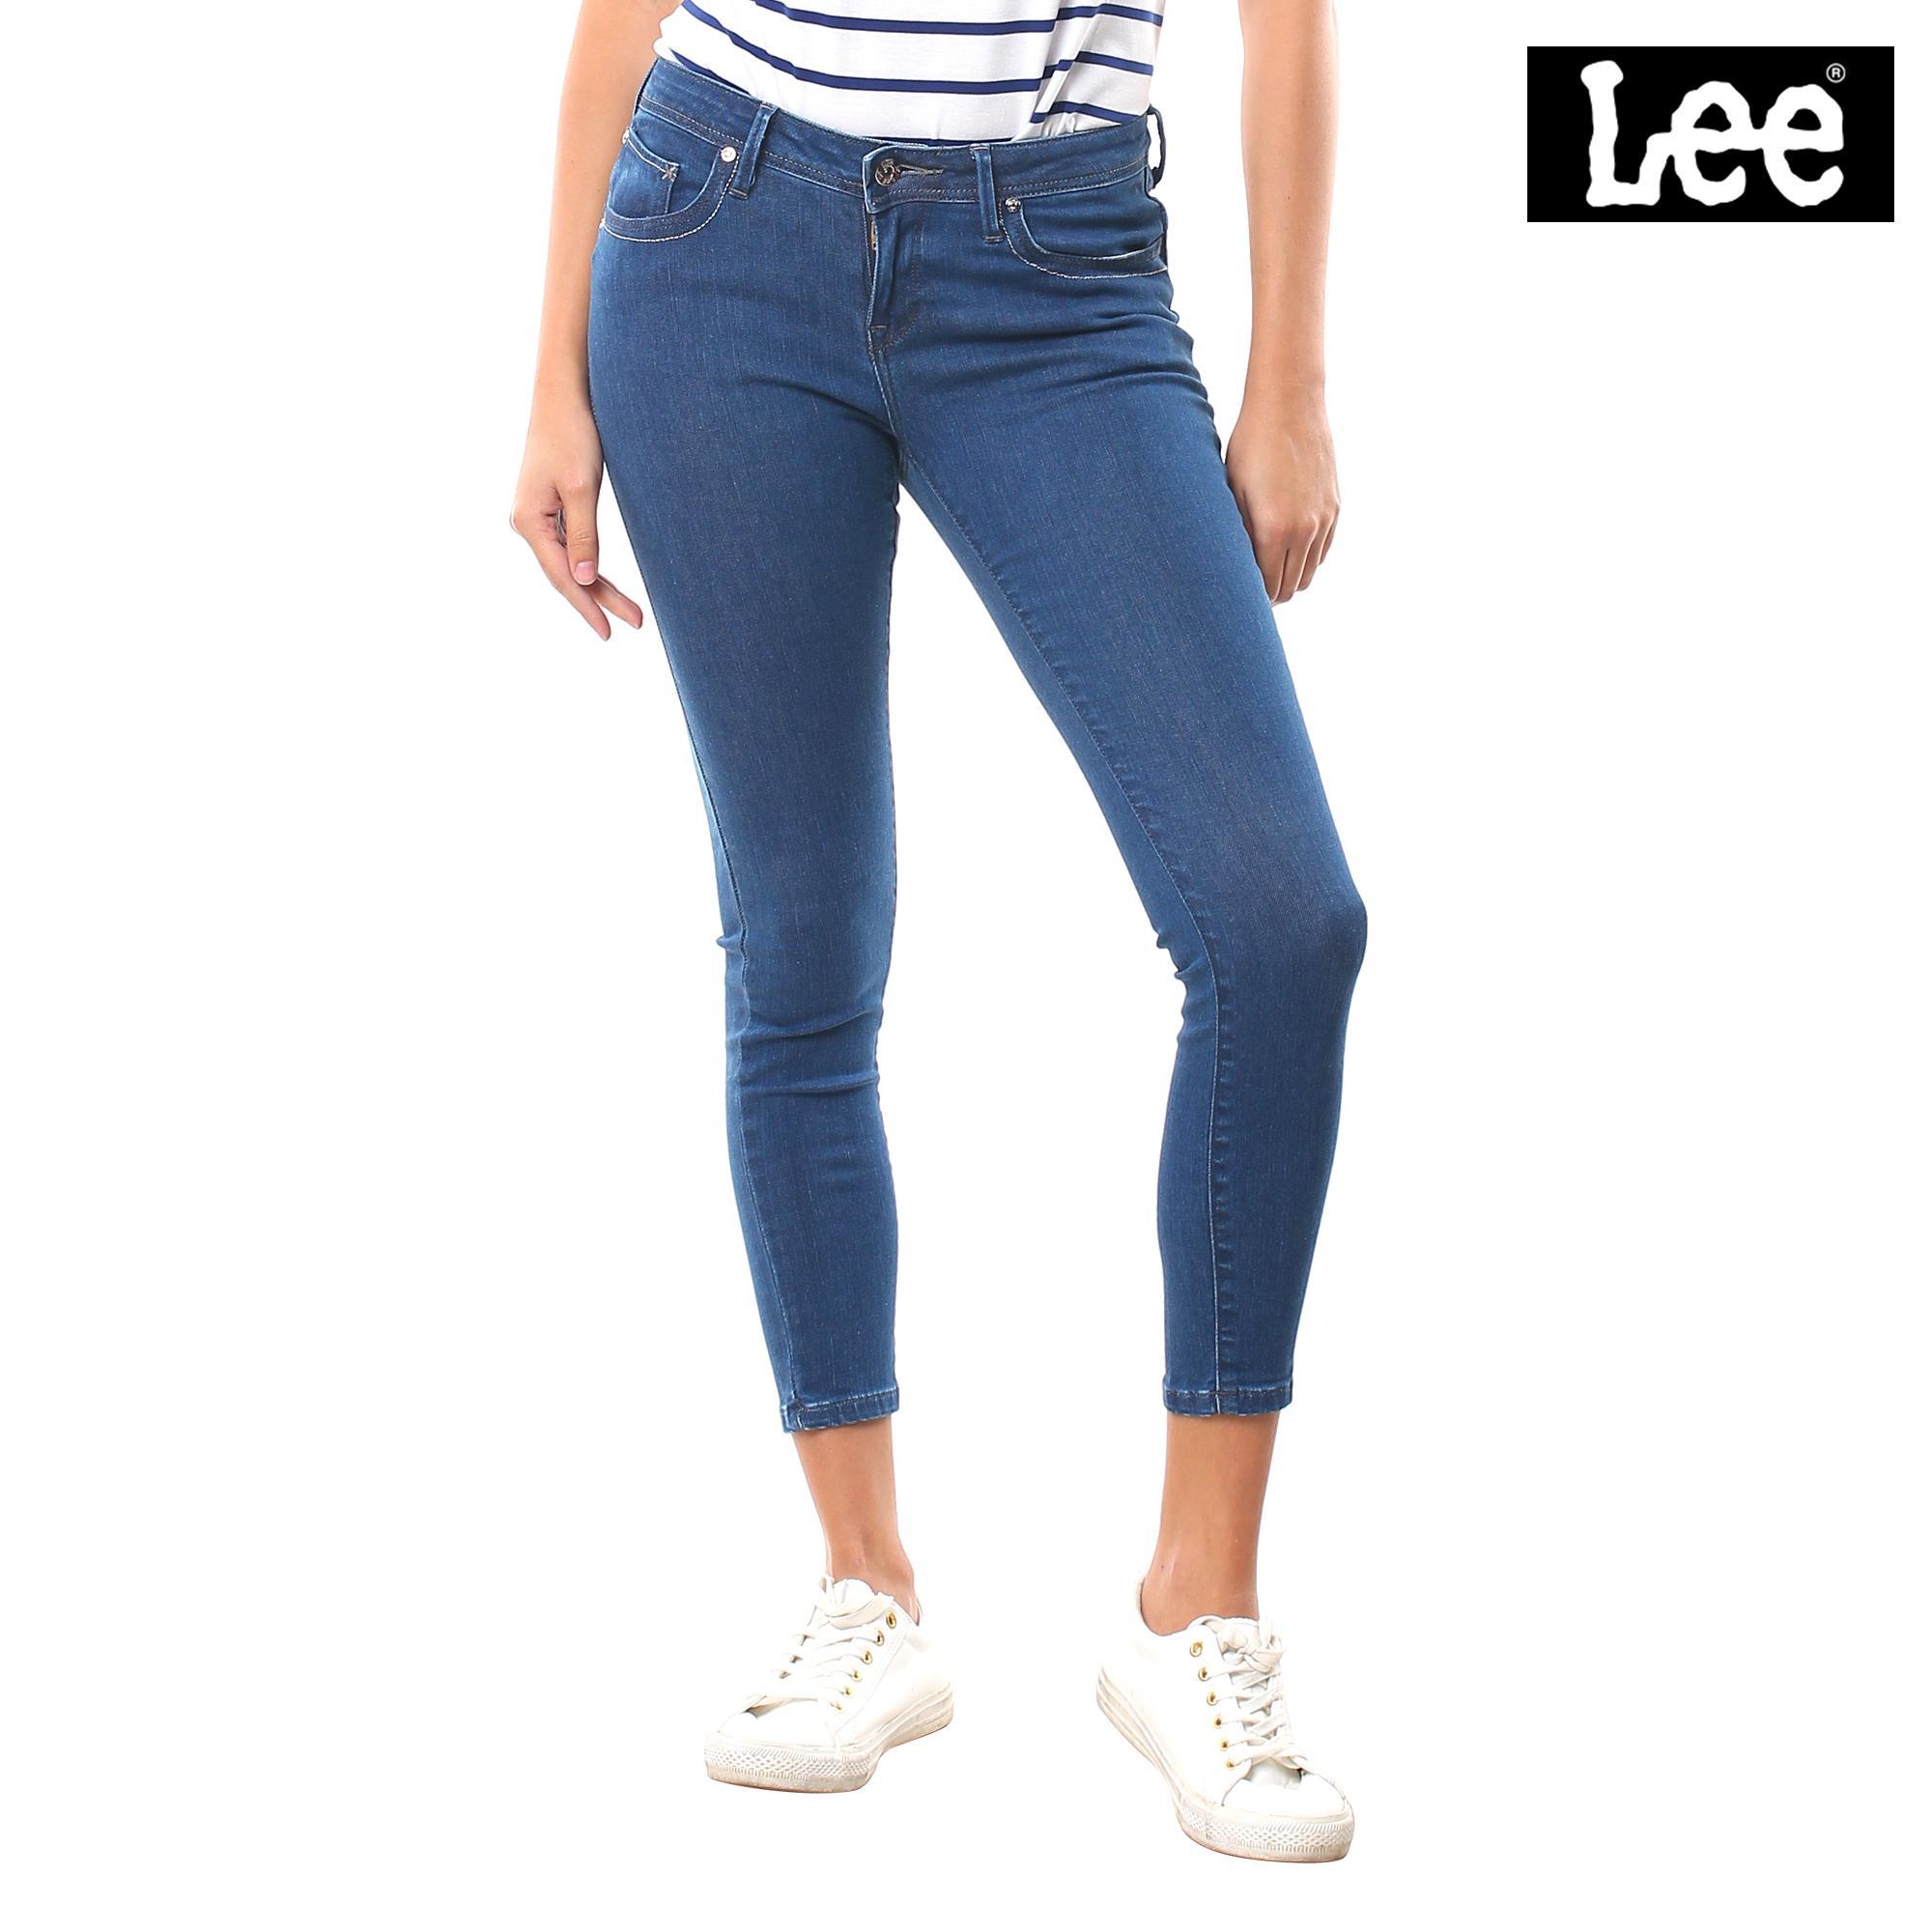 b8eb32c289 Lee Ladies Denim Pants Jeggings (Spring Blue)